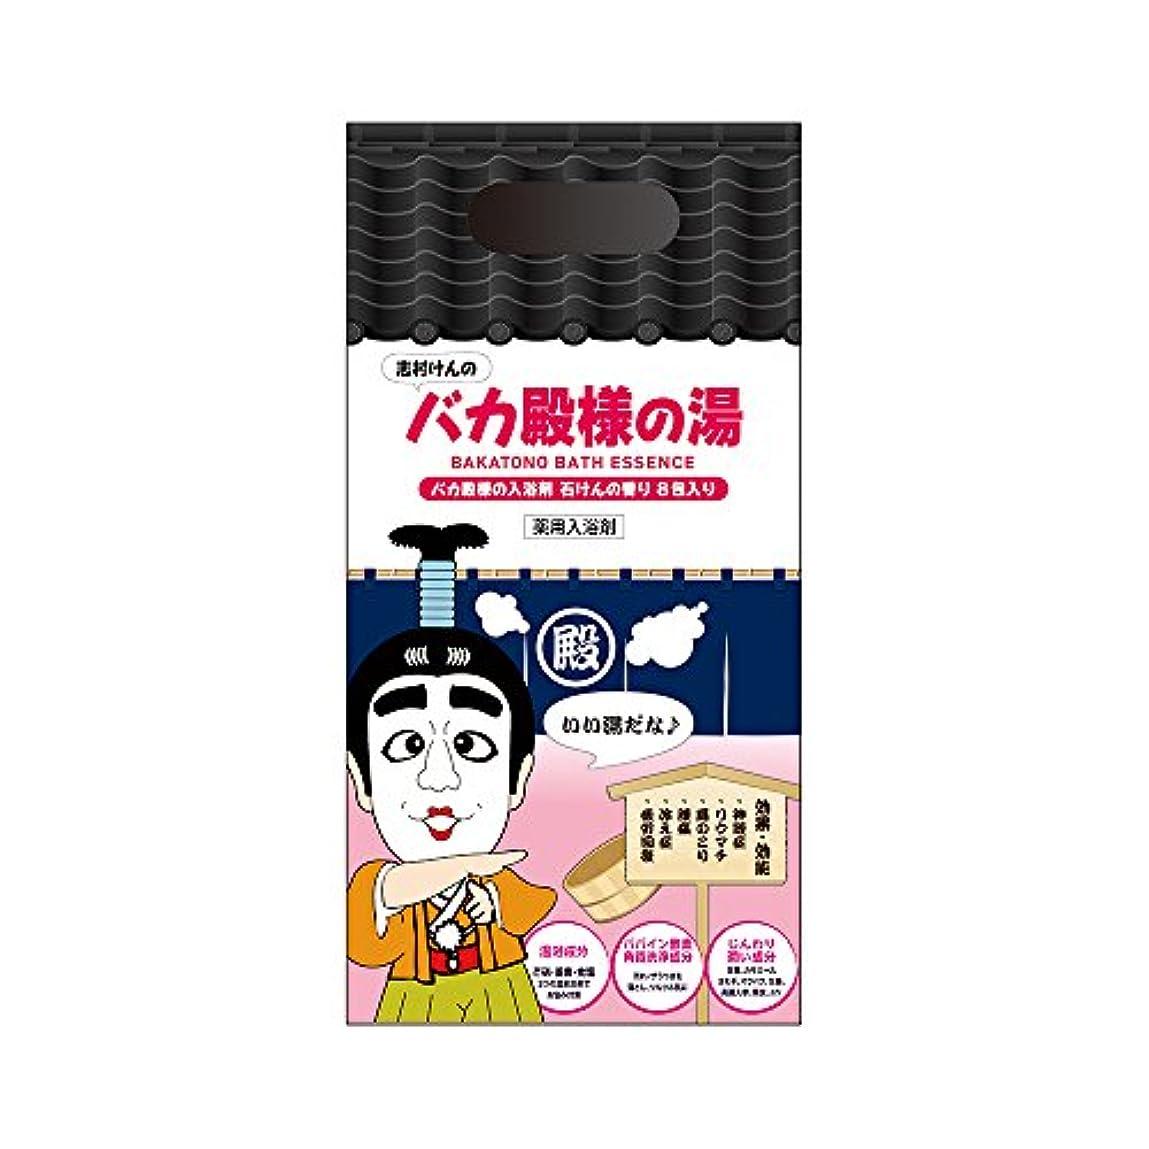 質量再開ポーズ志村けんのバカ殿様の湯 バカ殿様の入浴剤 石けんの香り (25g × 8包入り)